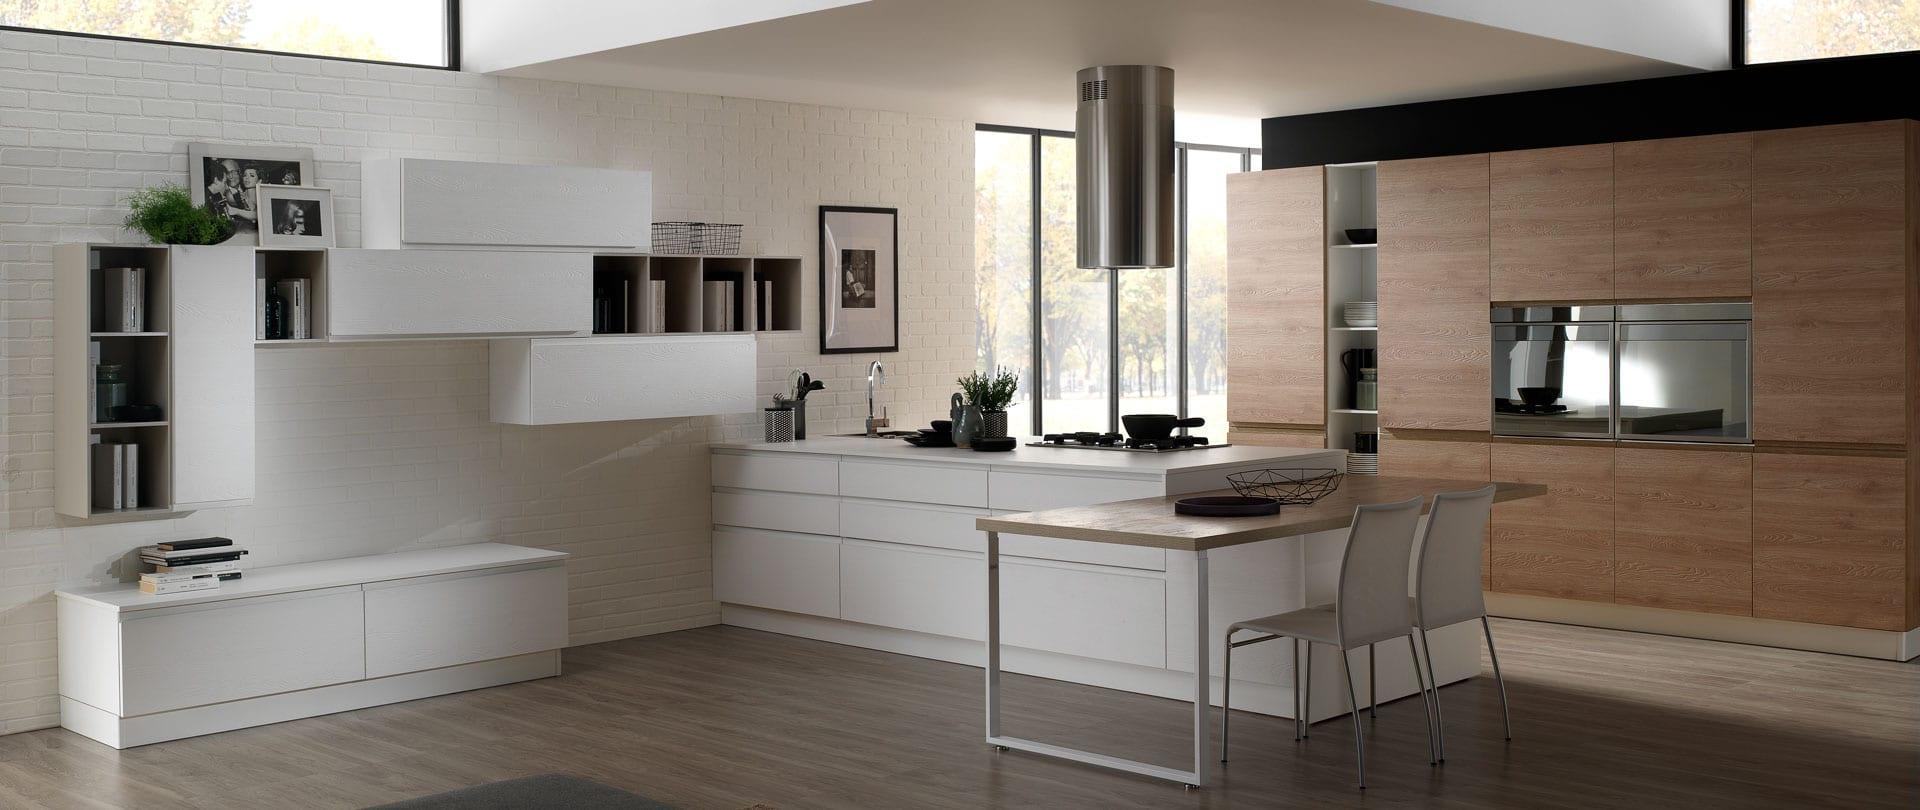 04-cucina-maniglia-integrate-luna